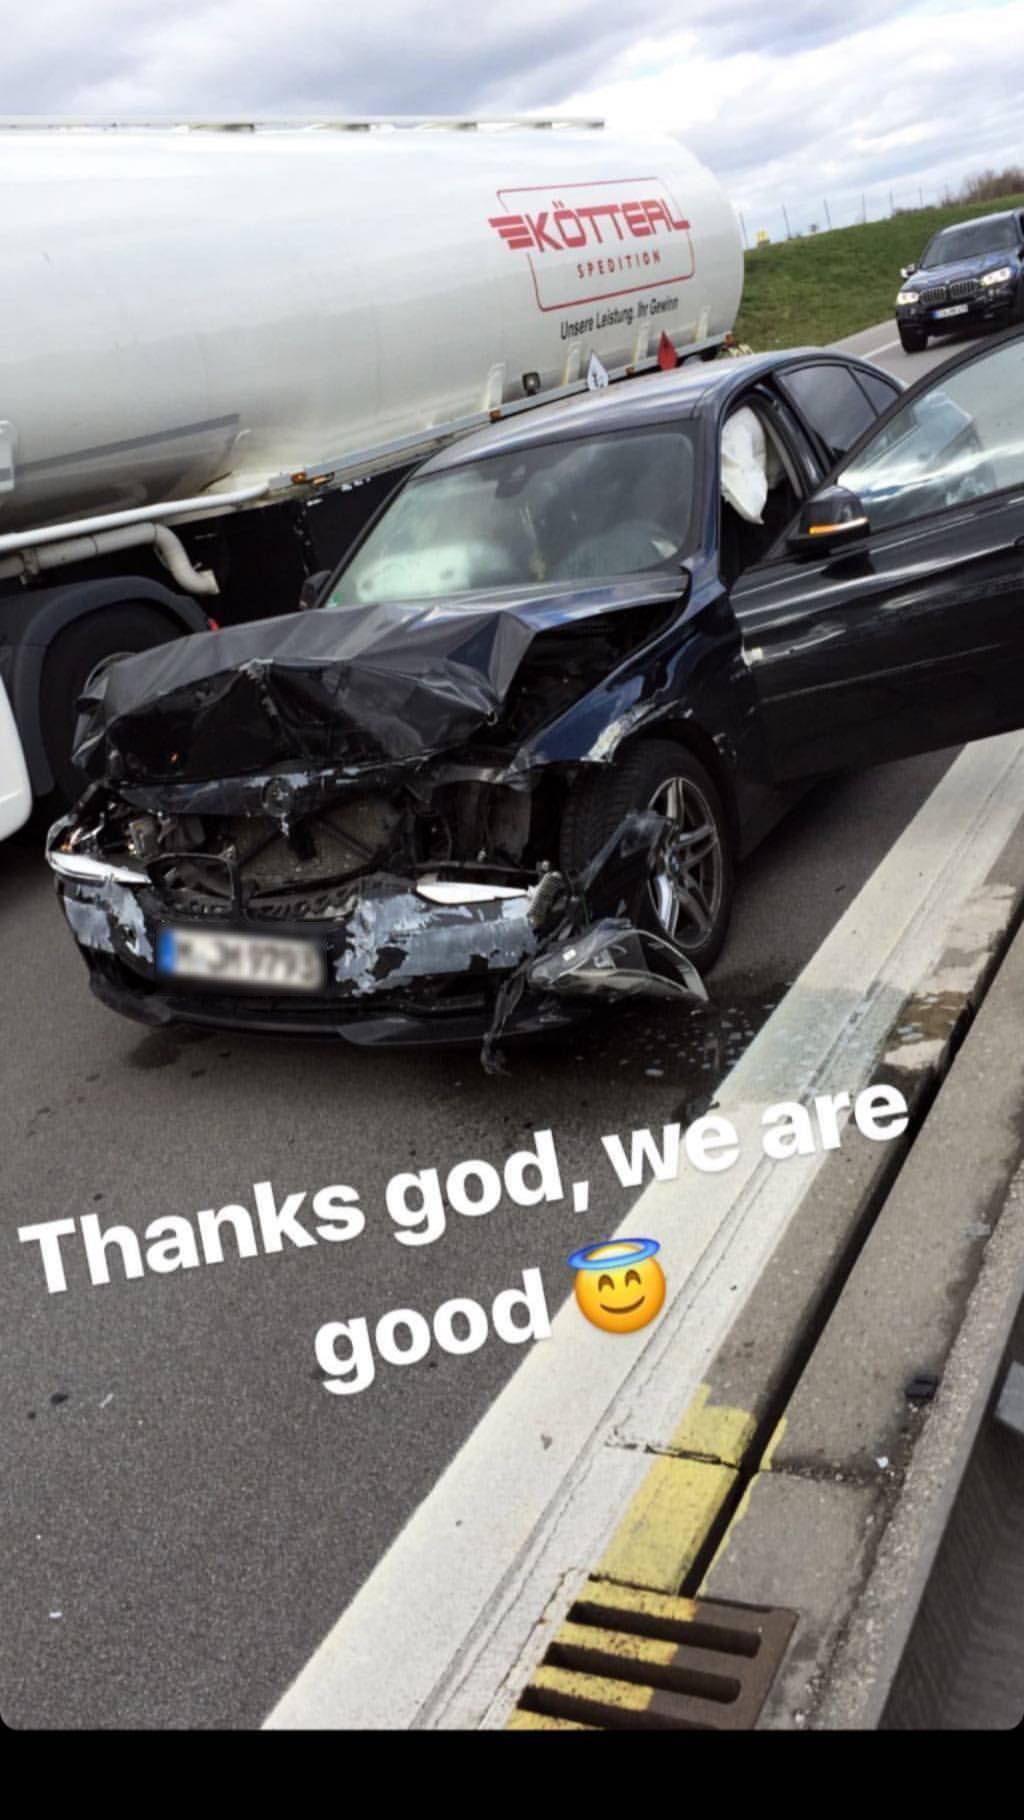 Sin Halida Muslimovića imao je prometnu nesreću u Njemačkoj